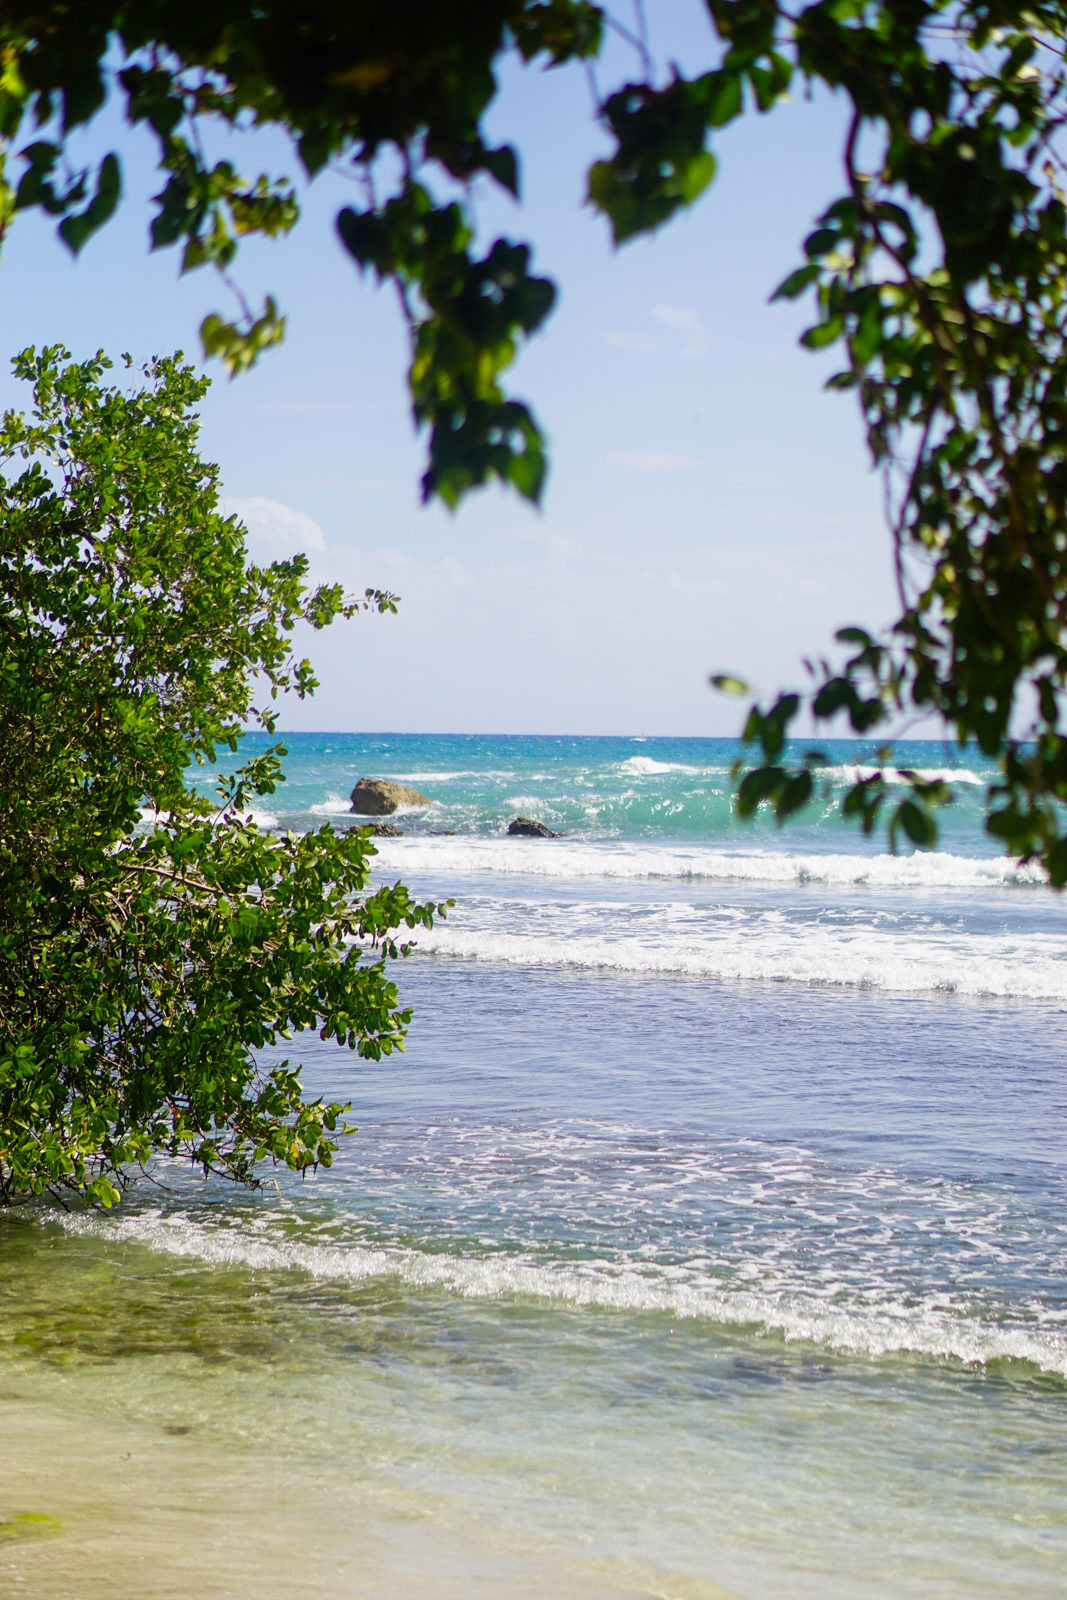 guadeloupe, grande-terre, grande-terre sainte-anne, sainte-anne guadeloupe, plage guadeloupe, plage sainte-anne, plage grande terre